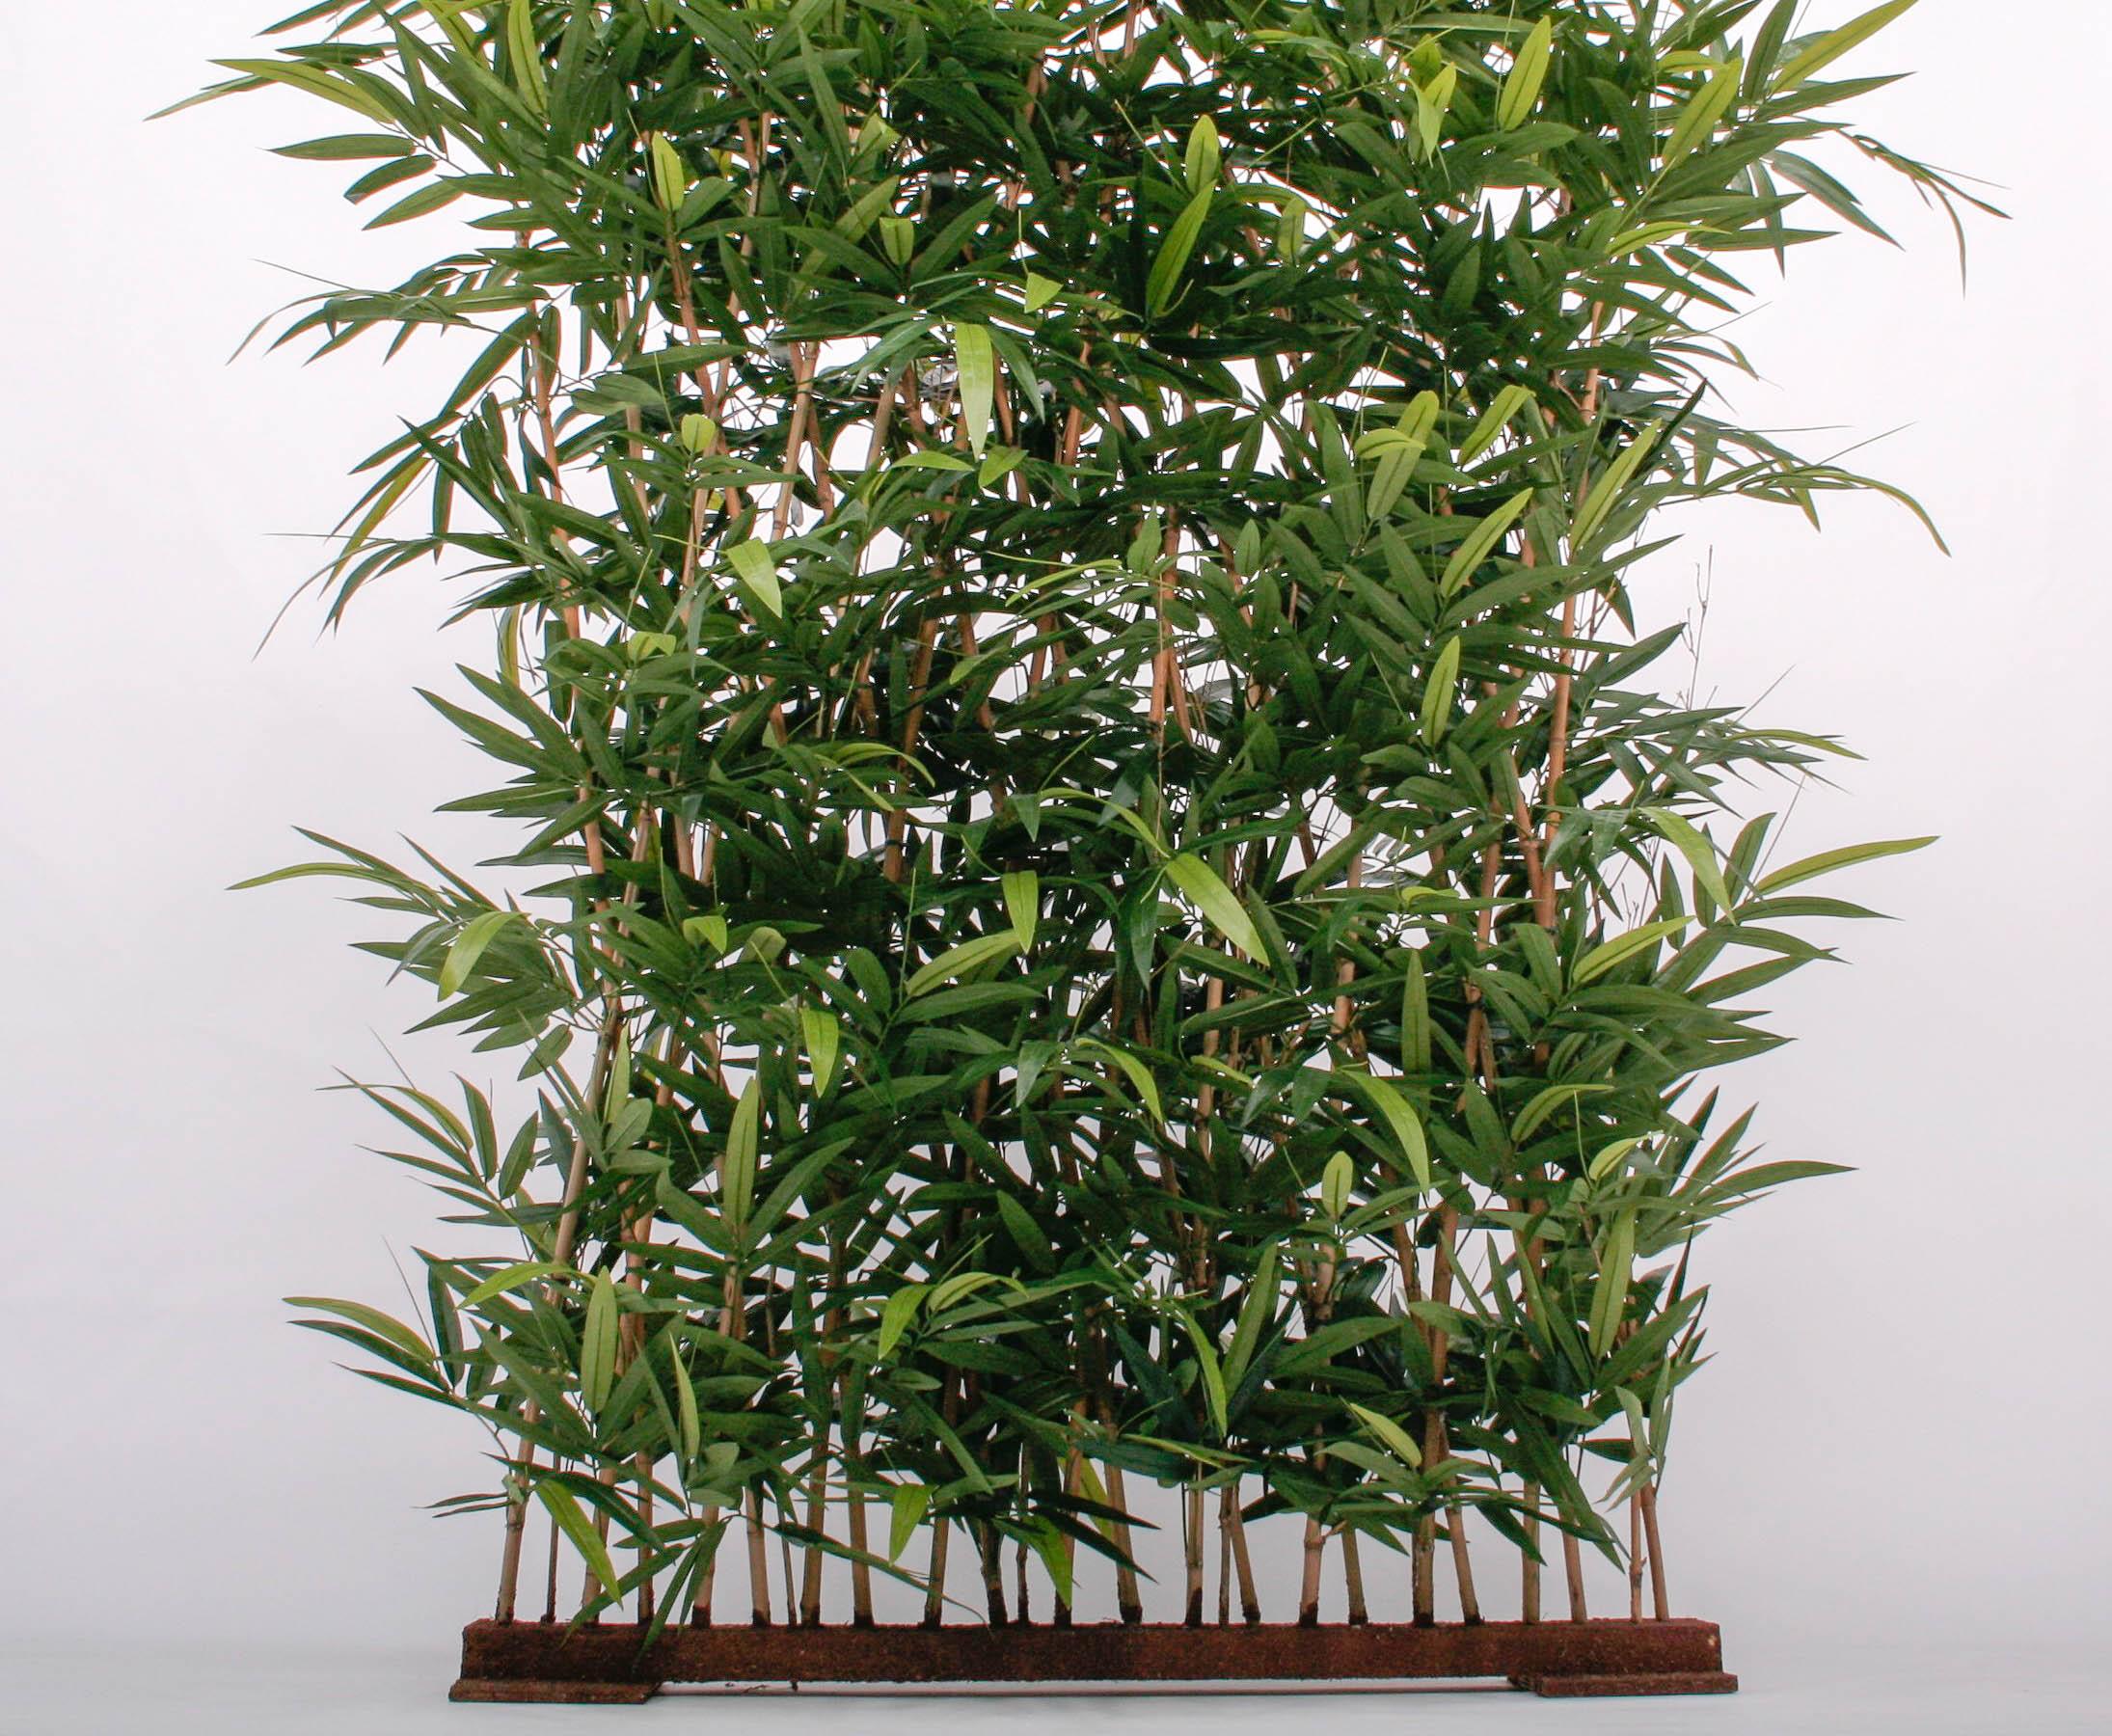 Kunstliche Hecke Wetterfest Aus Bambusblattern Gunstig Kaufen